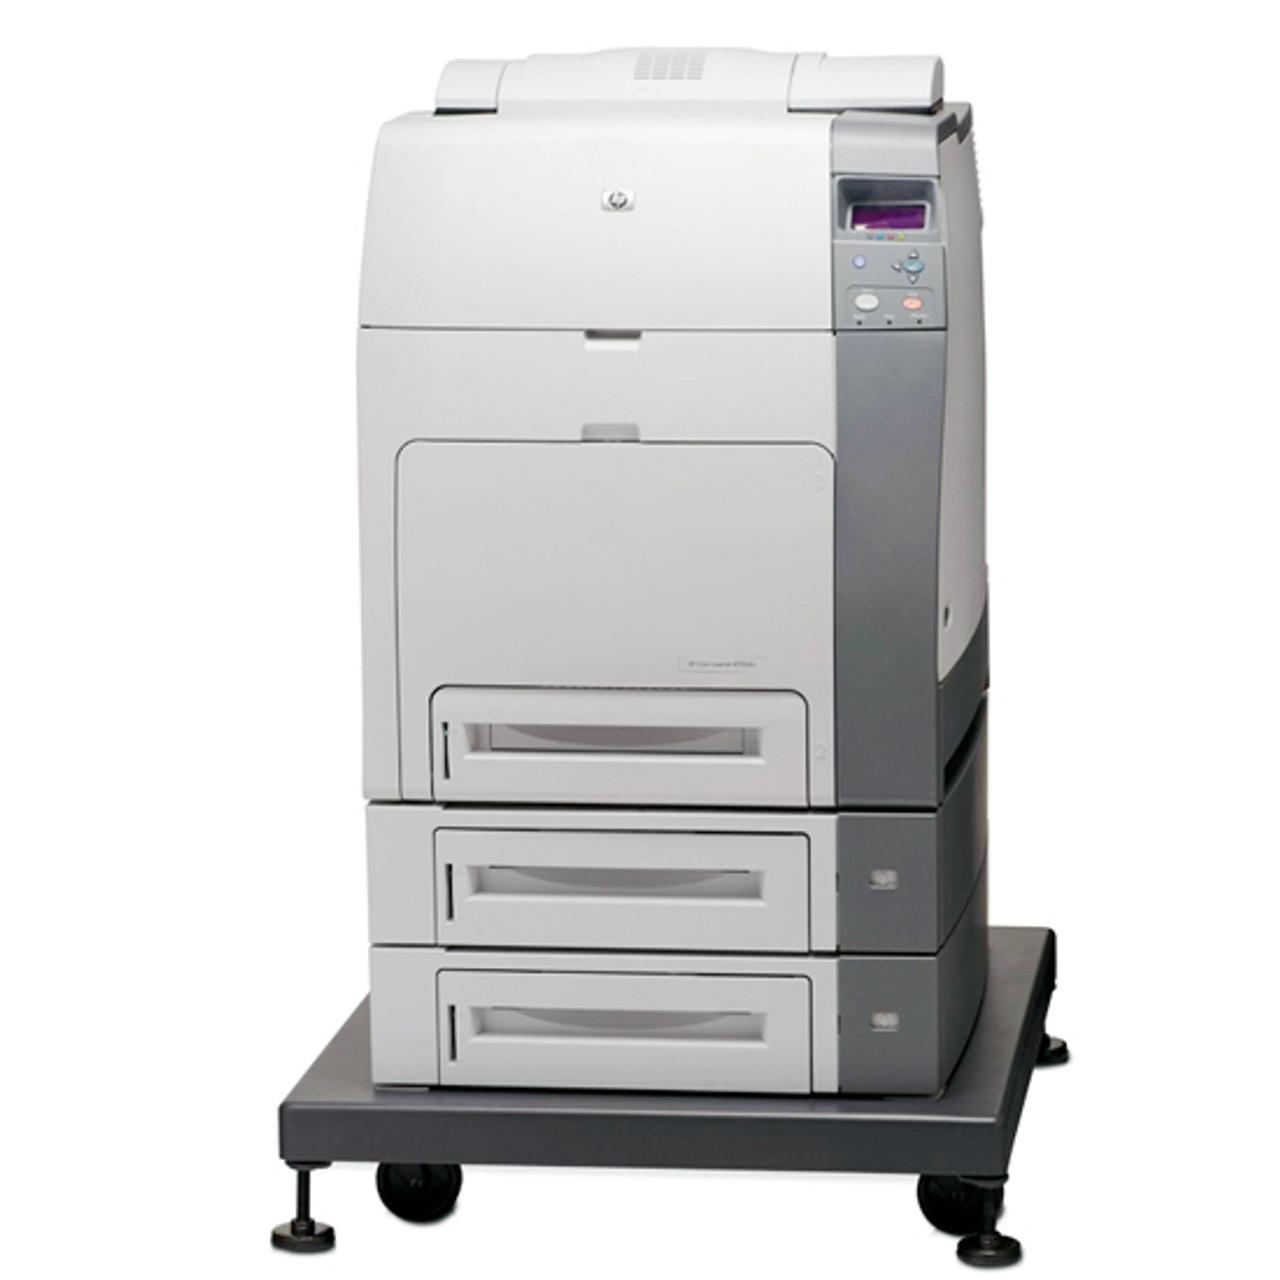 HP Color LaserJet 4700dtn (Q7494A#ABA) HP Laser Printer for sale